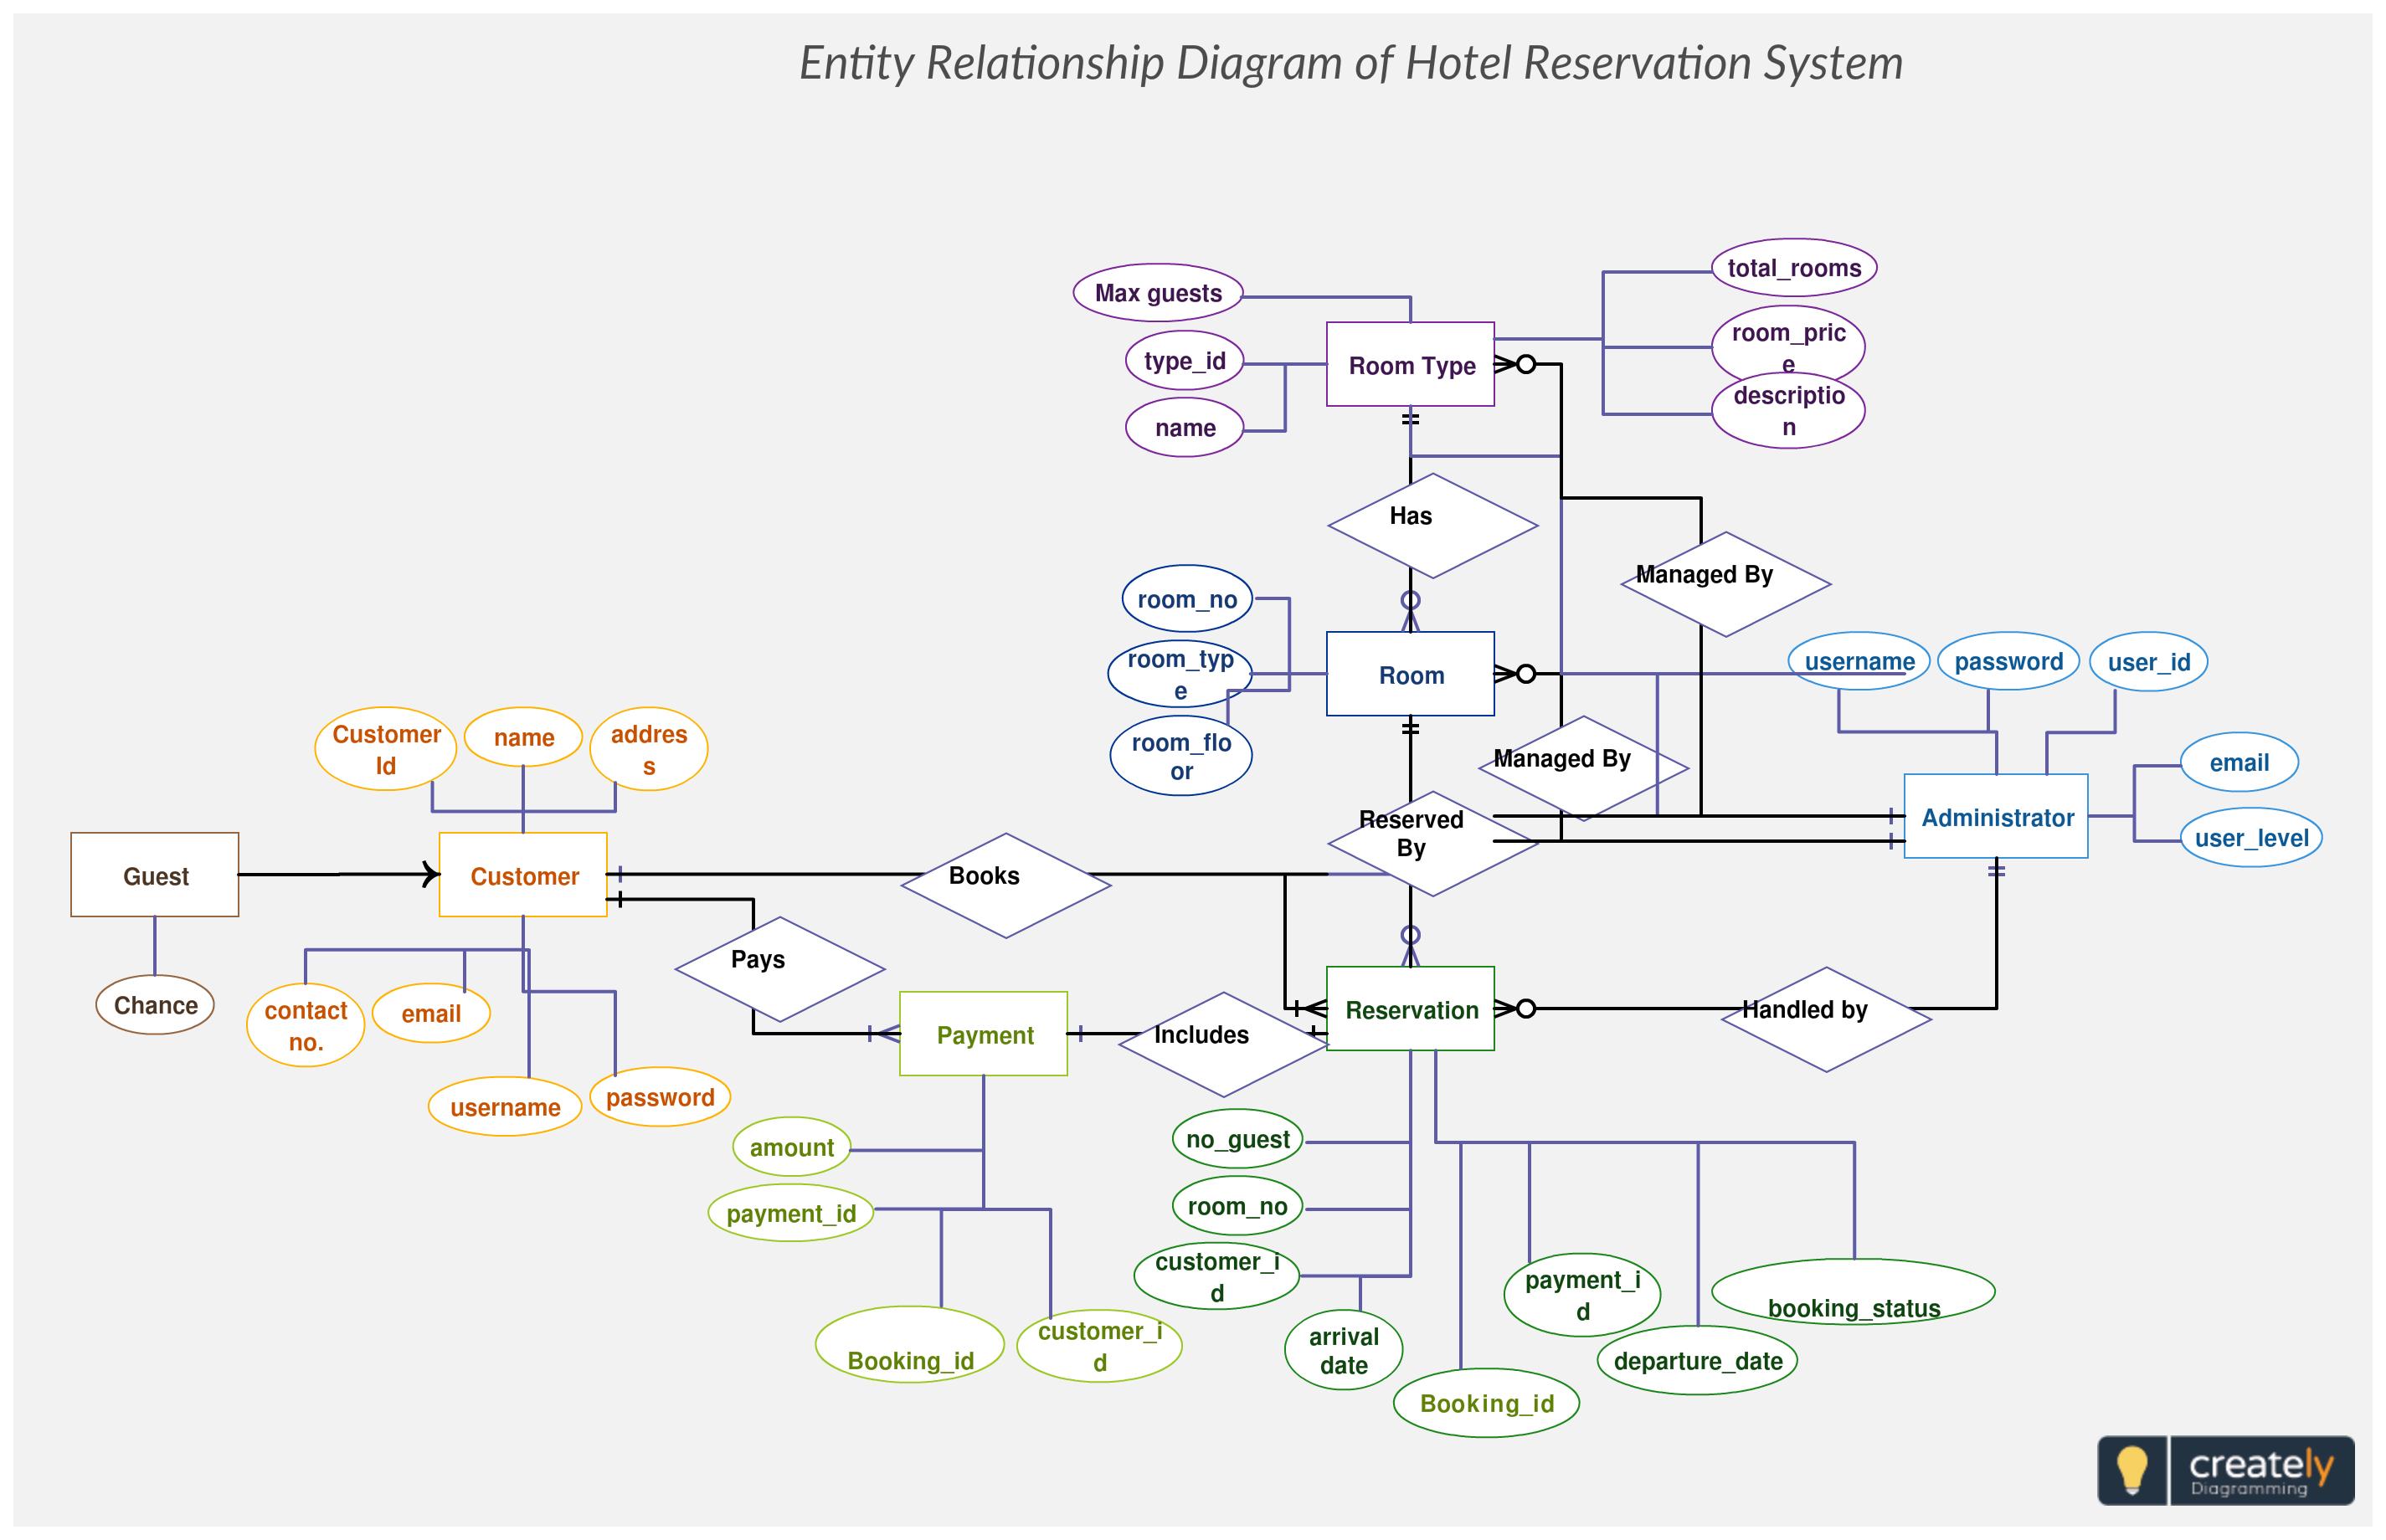 Hotel Reservation System Er Diagram Maps Out The Data Flow intended for Er Diagram For Hotel Reservation System